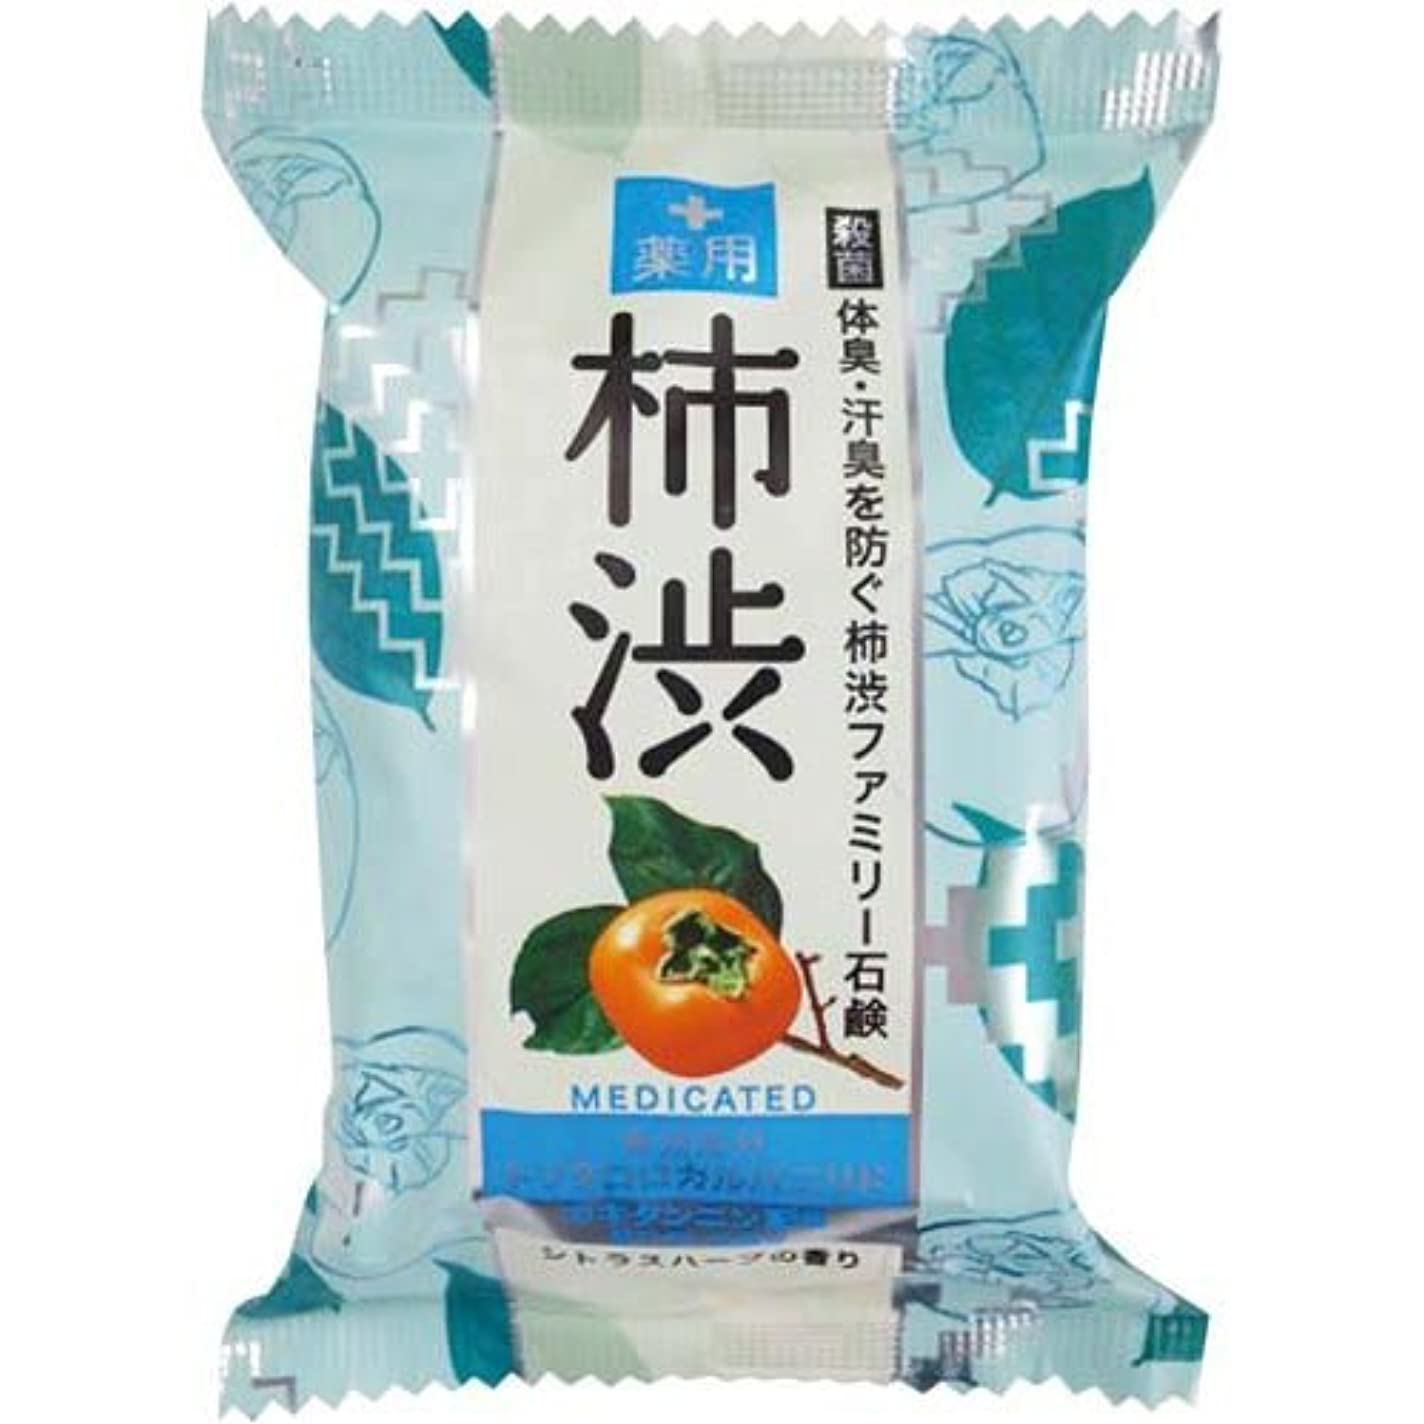 一見注目すべき貢献するペリカン石鹸 薬用ファミリー柿渋石鹸×6個×4箱